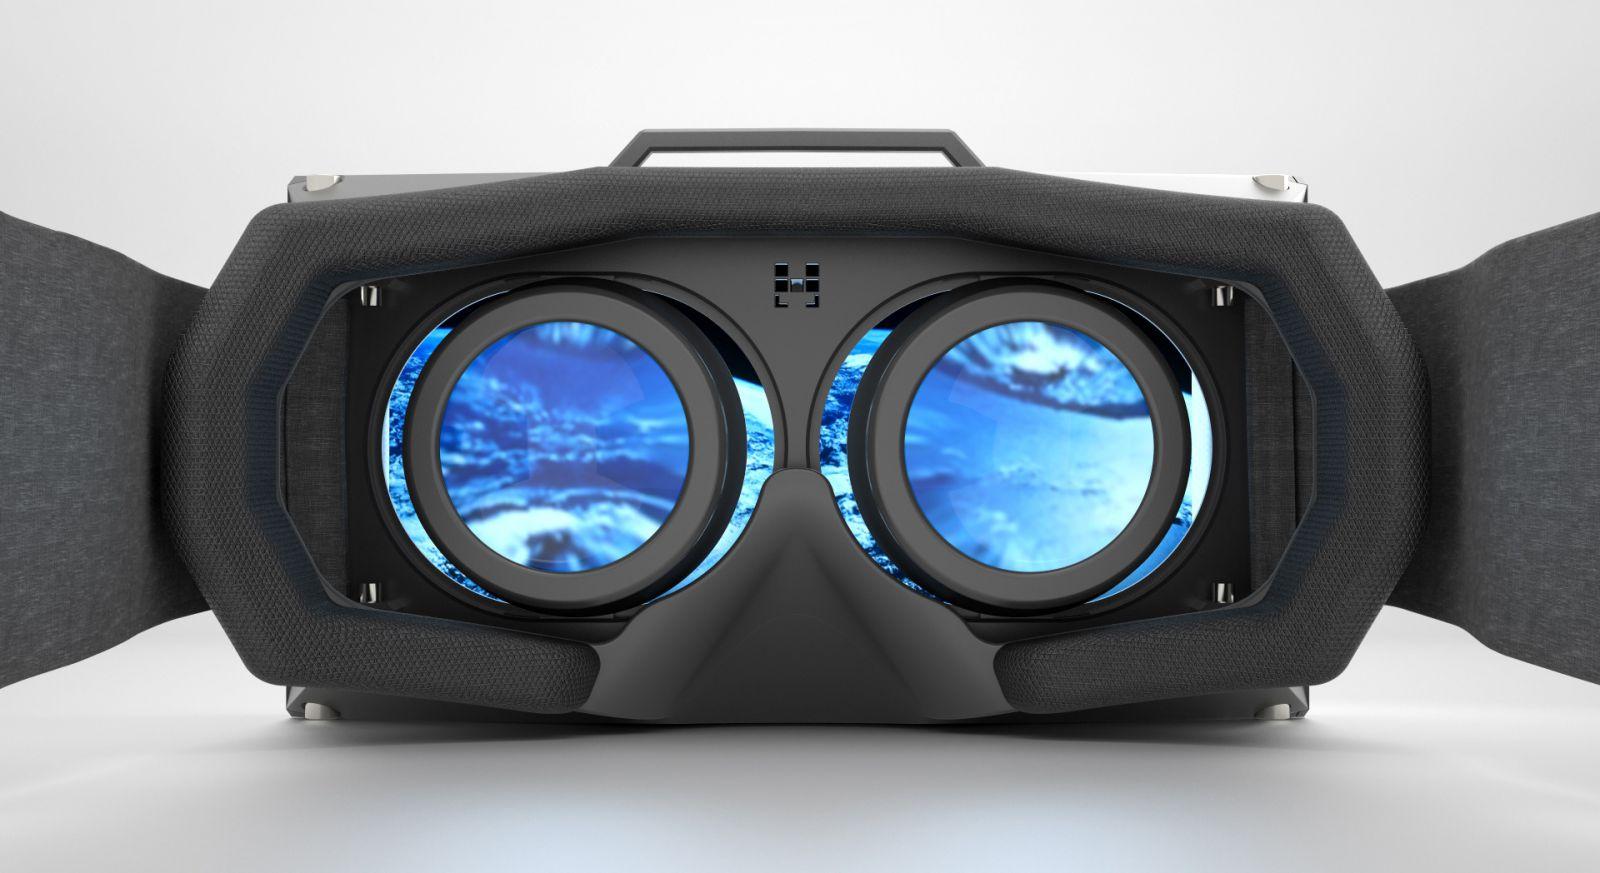 An Oculus Rift headset.